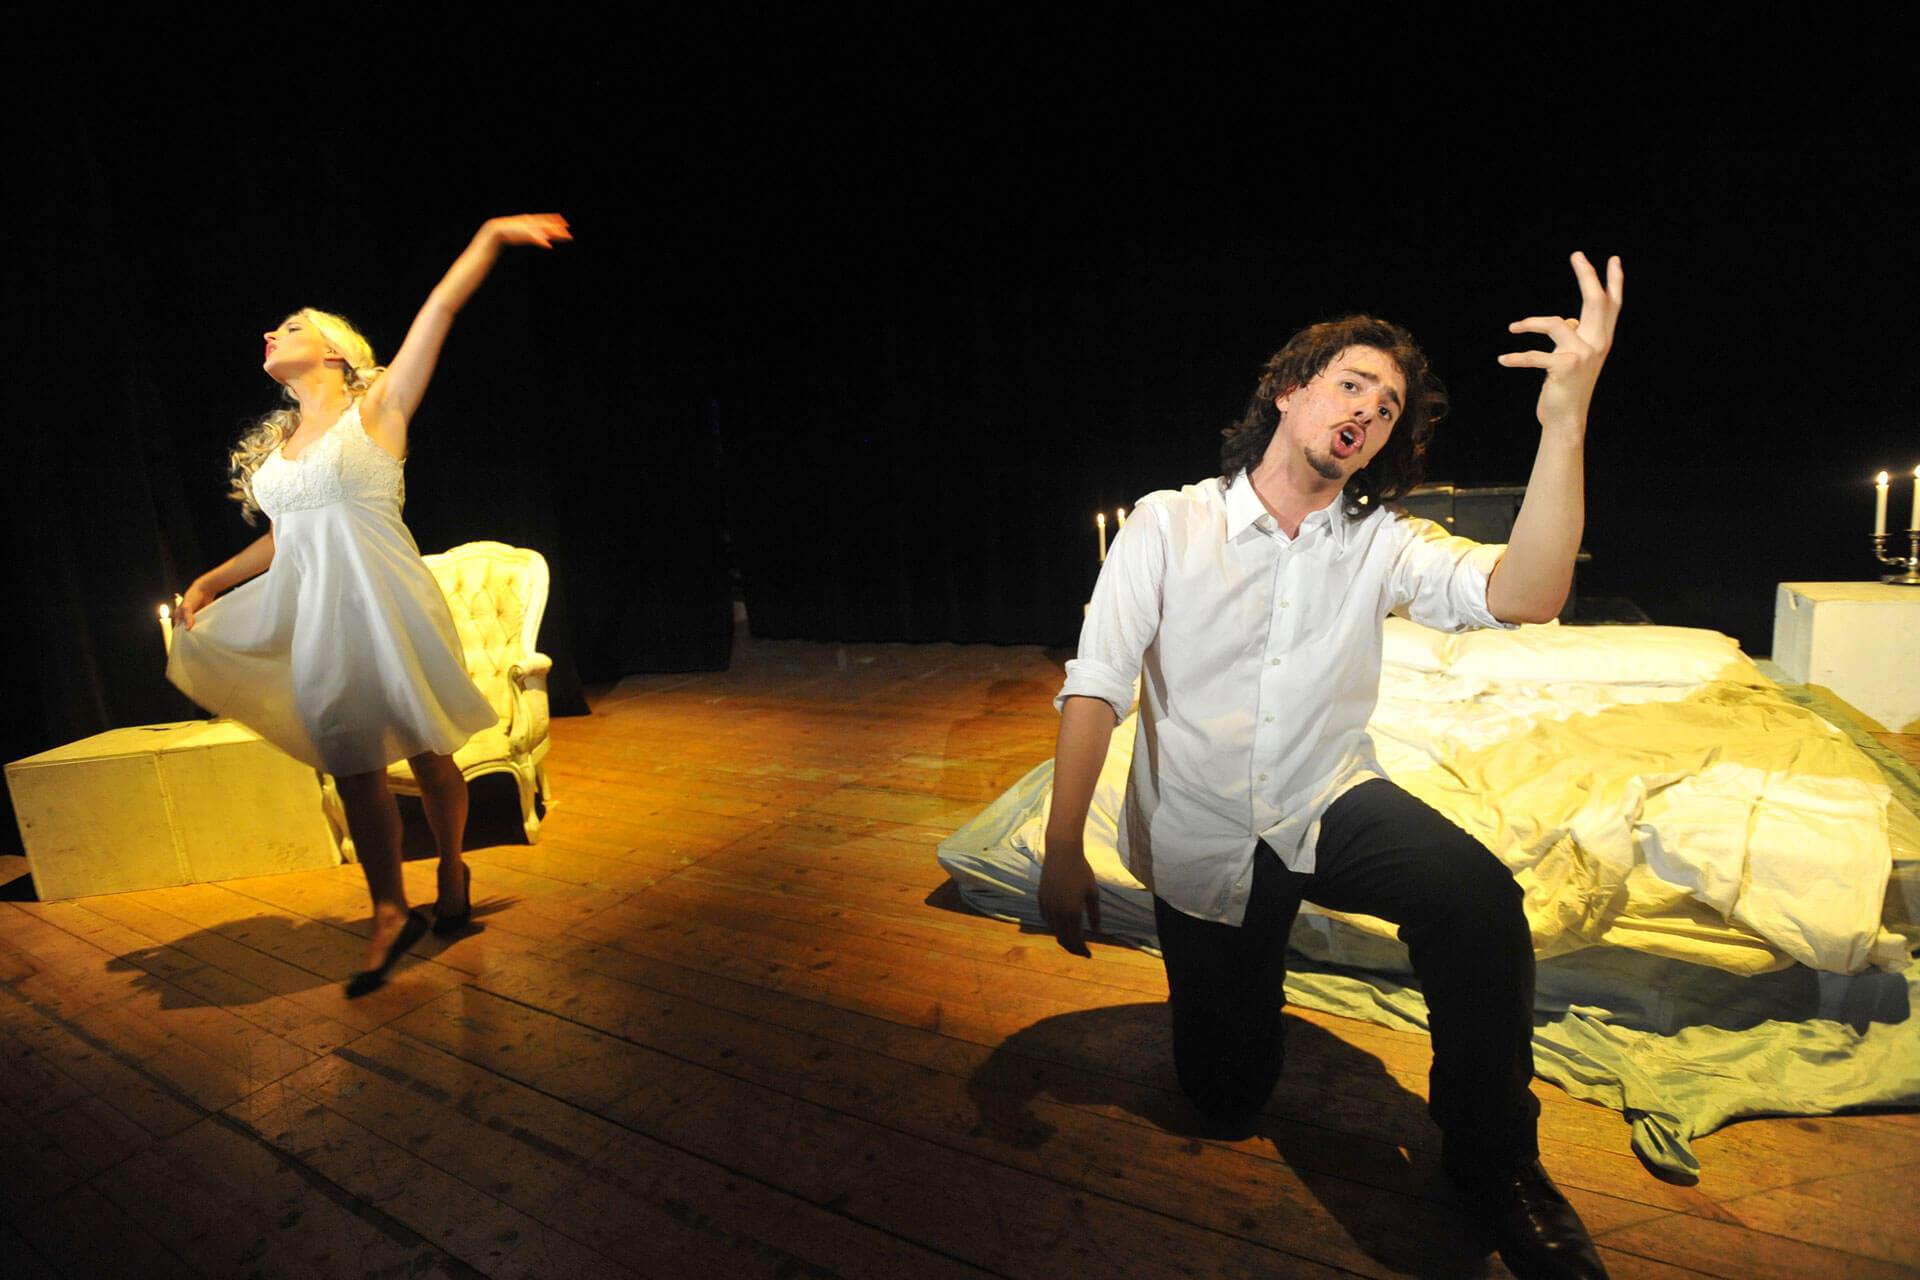 scuola-di-teatro-colli-schnitzleriana-2012-4